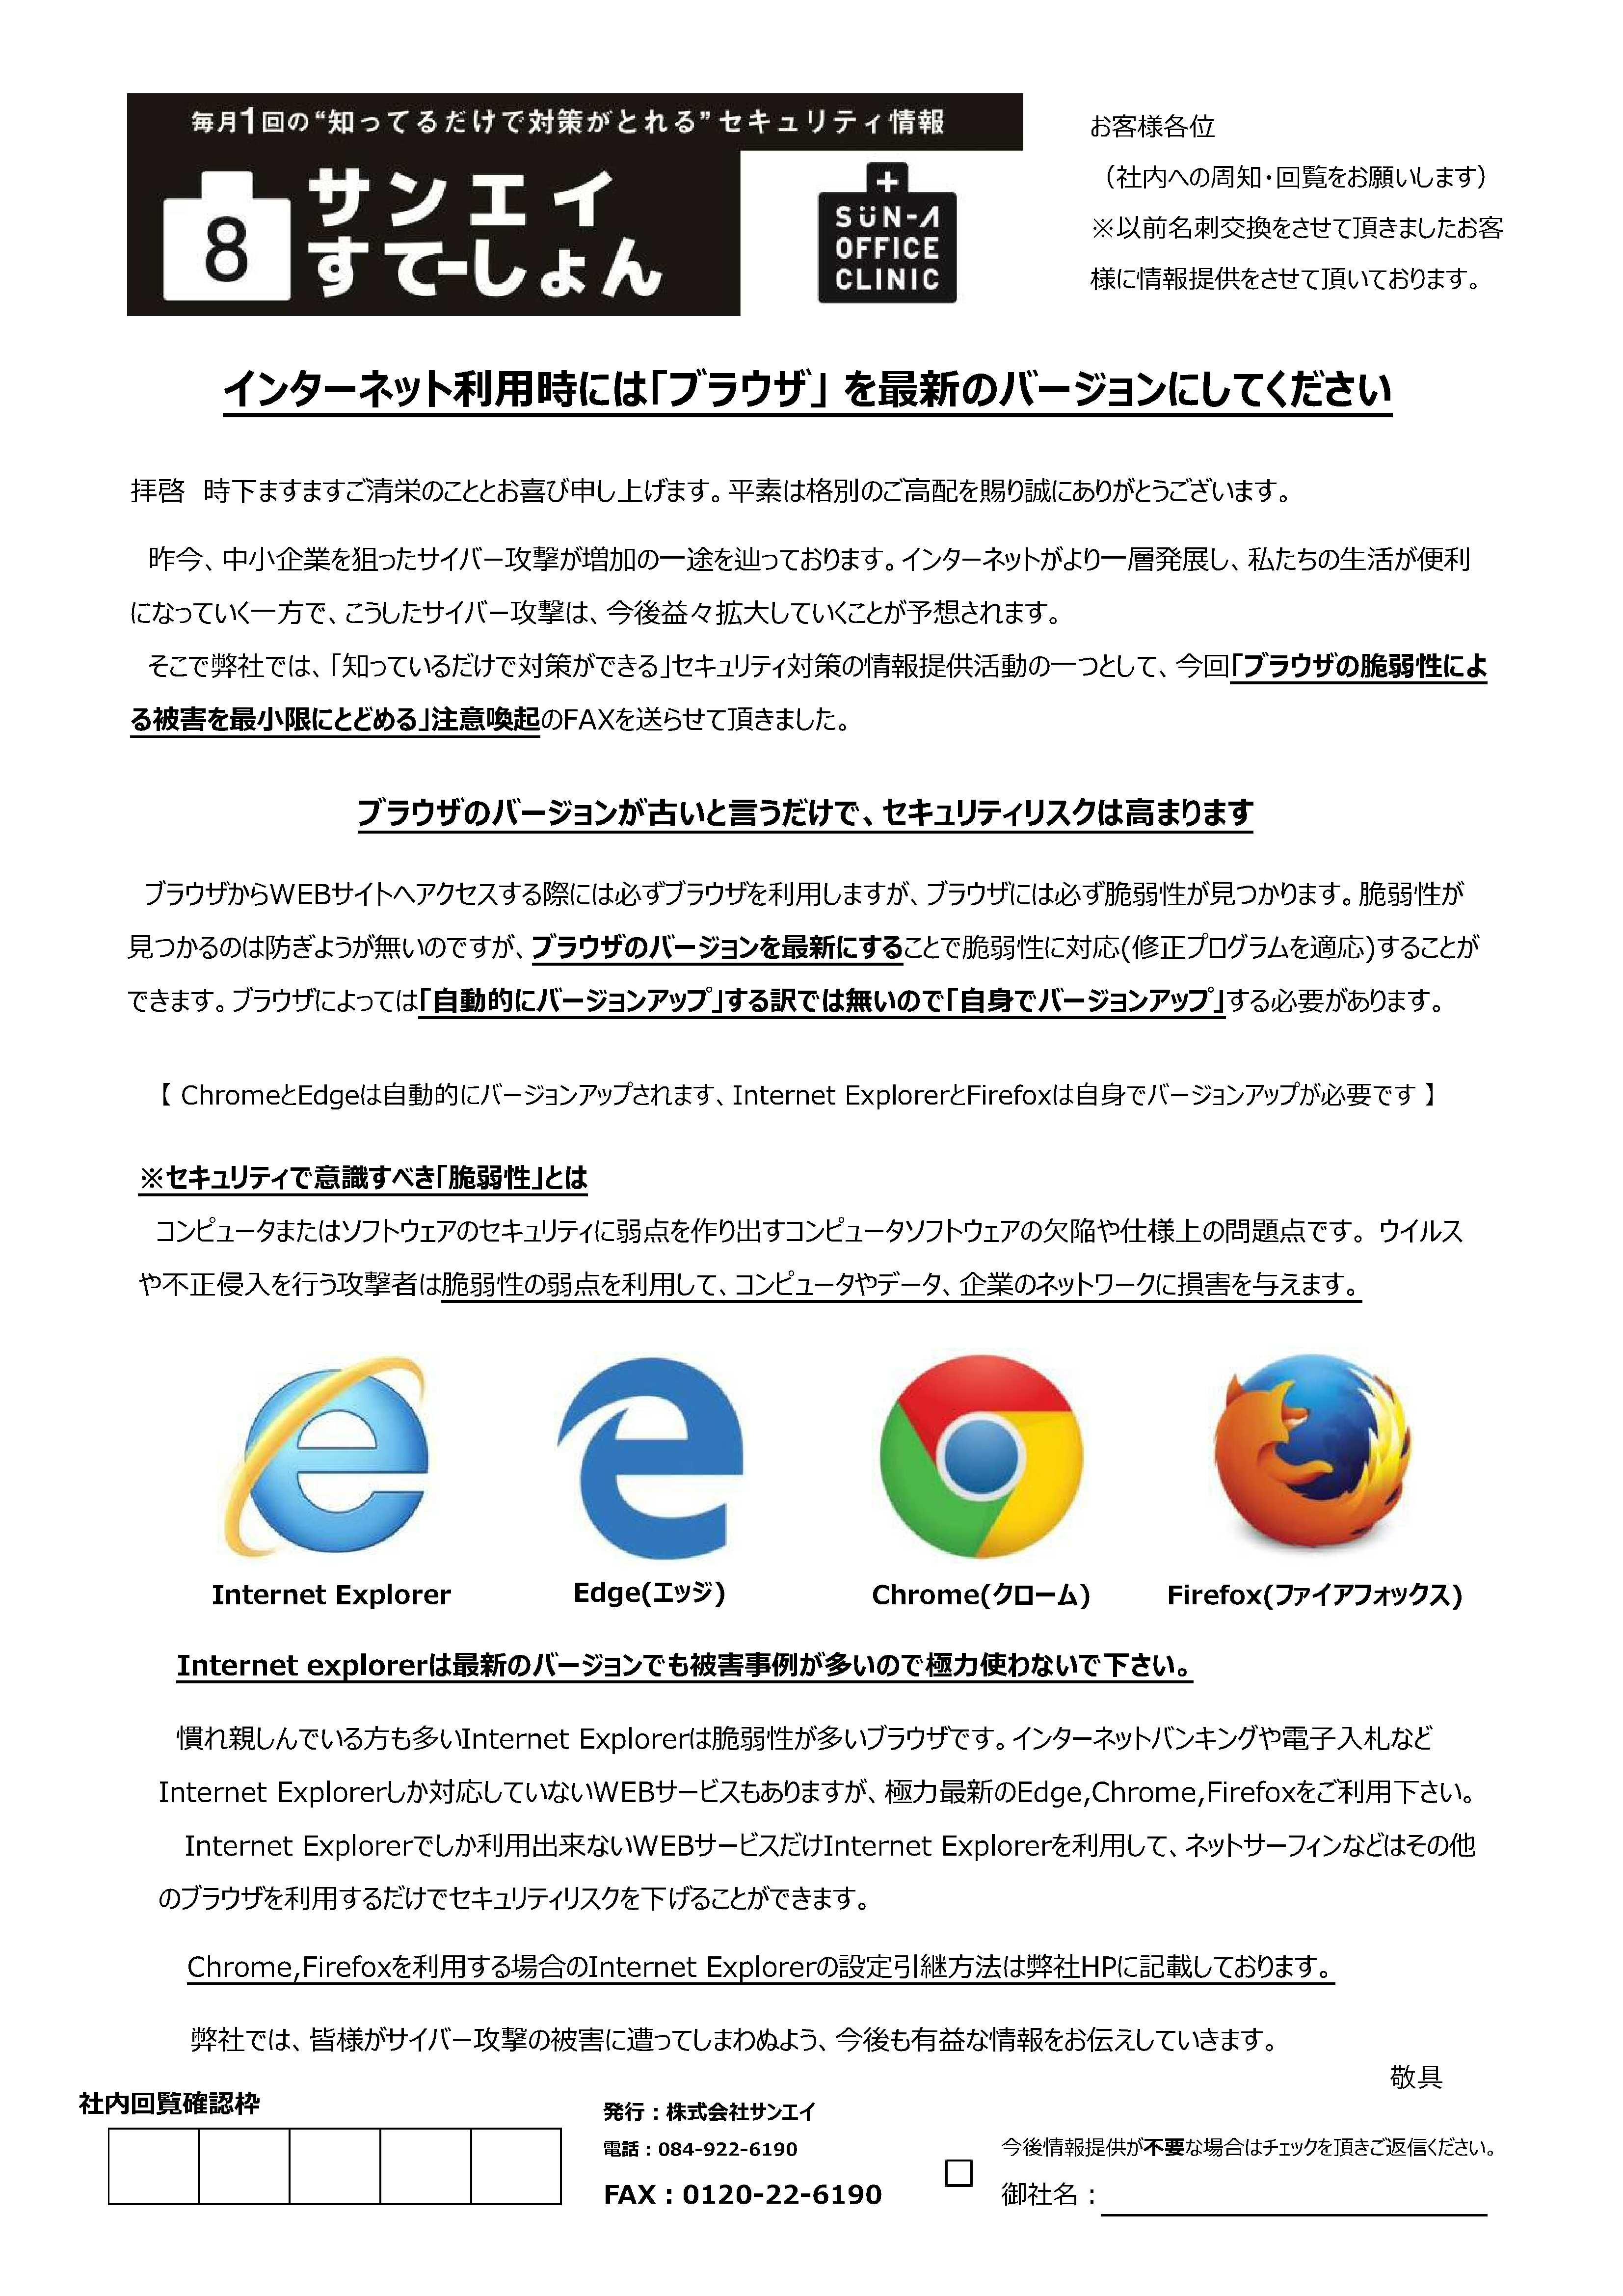 fax_170906_1